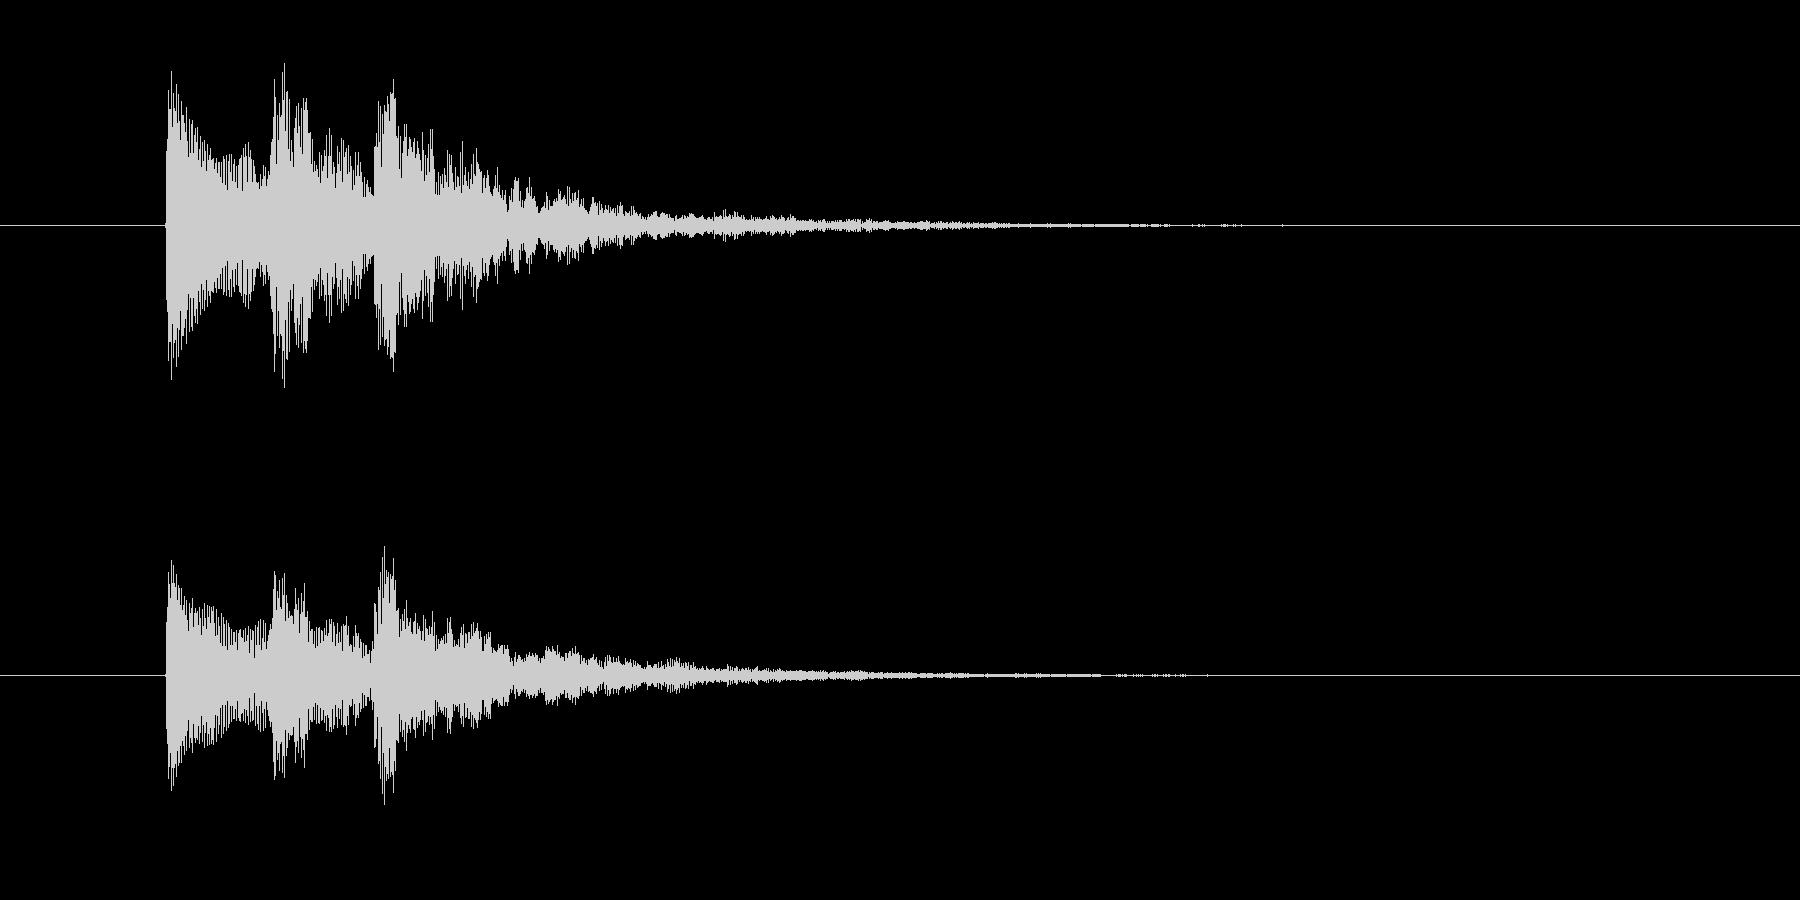 チャララン(シンセジングル)の未再生の波形